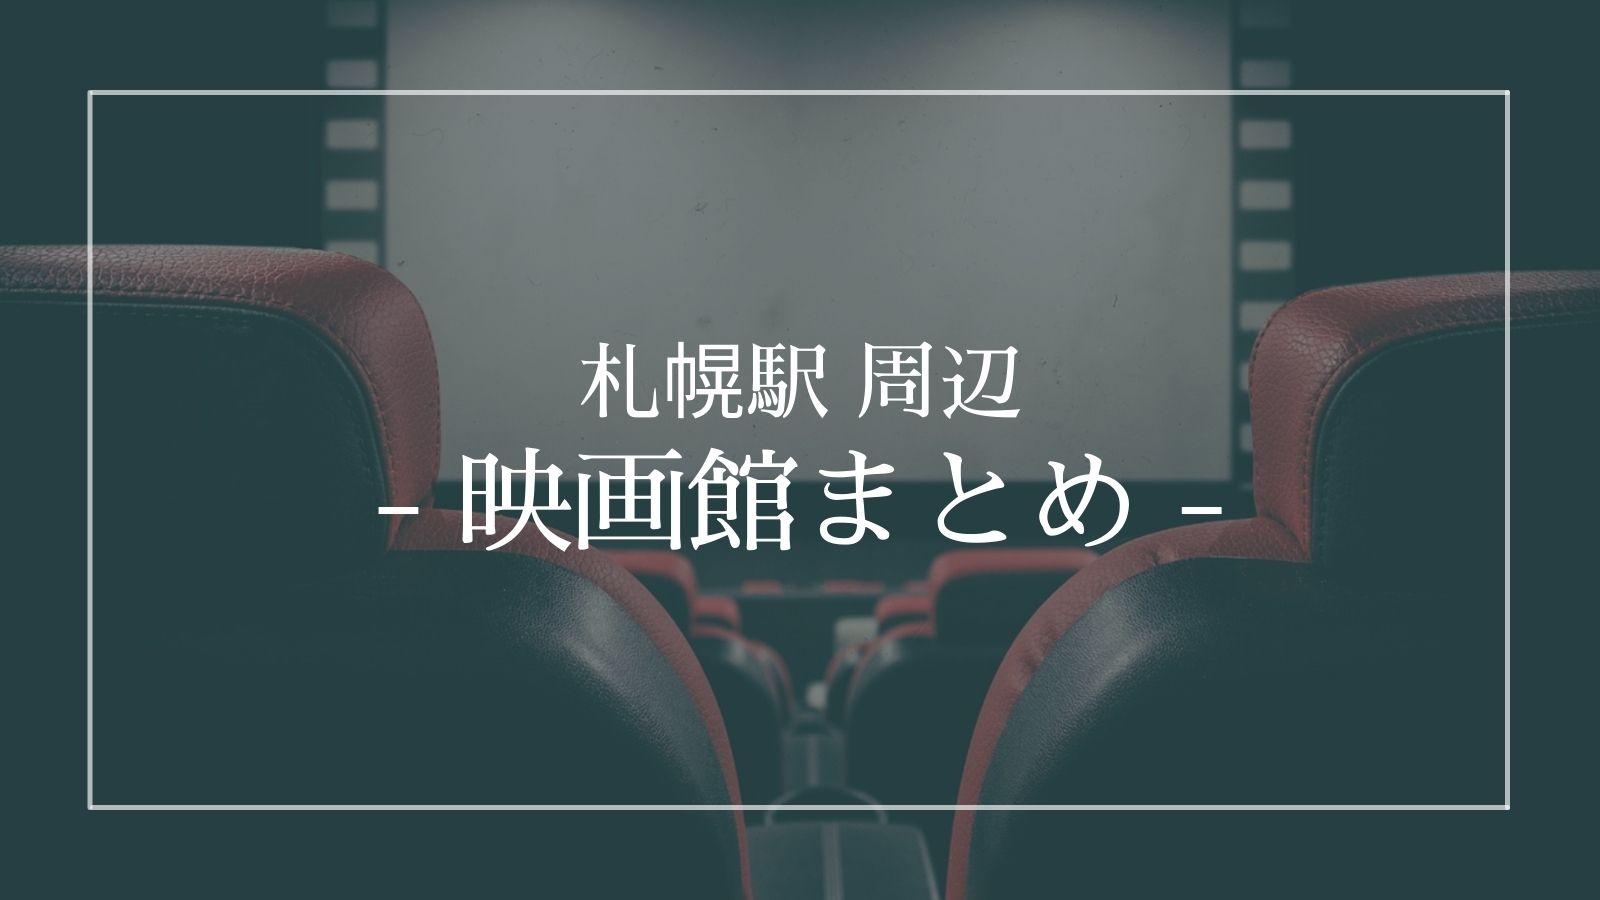 札幌駅 映画館 一覧